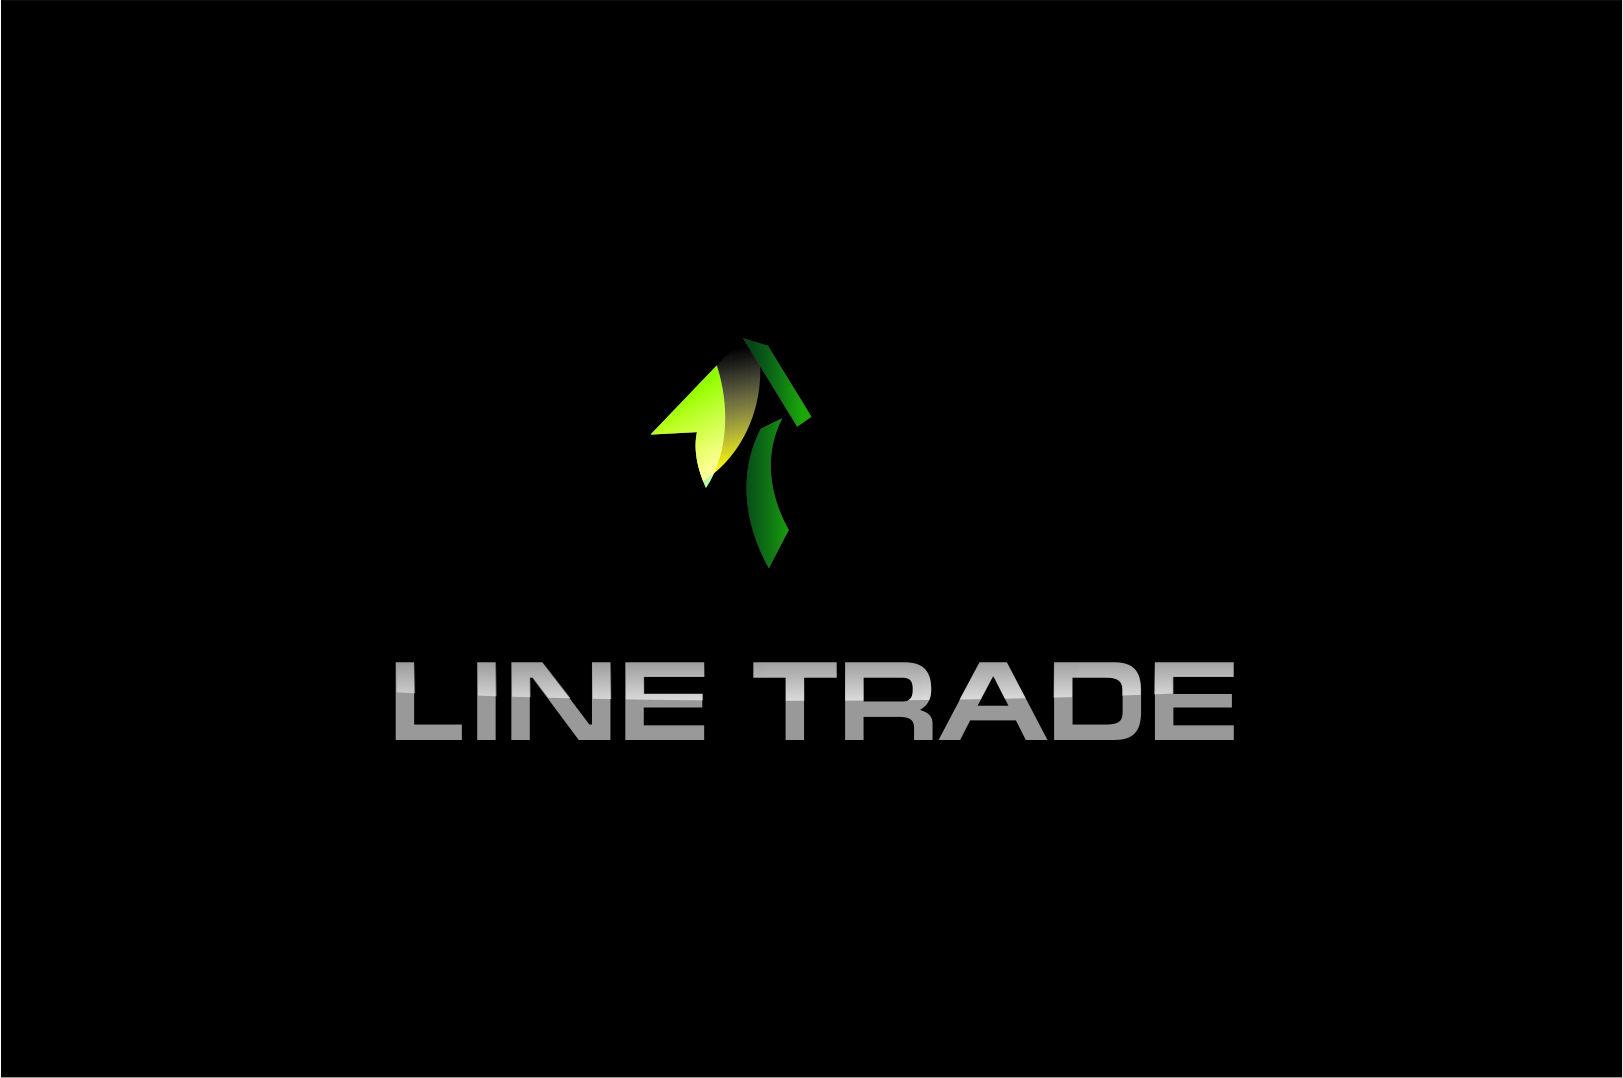 Разработка логотипа компании Line Trade фото f_34350f7a8911eb23.jpg